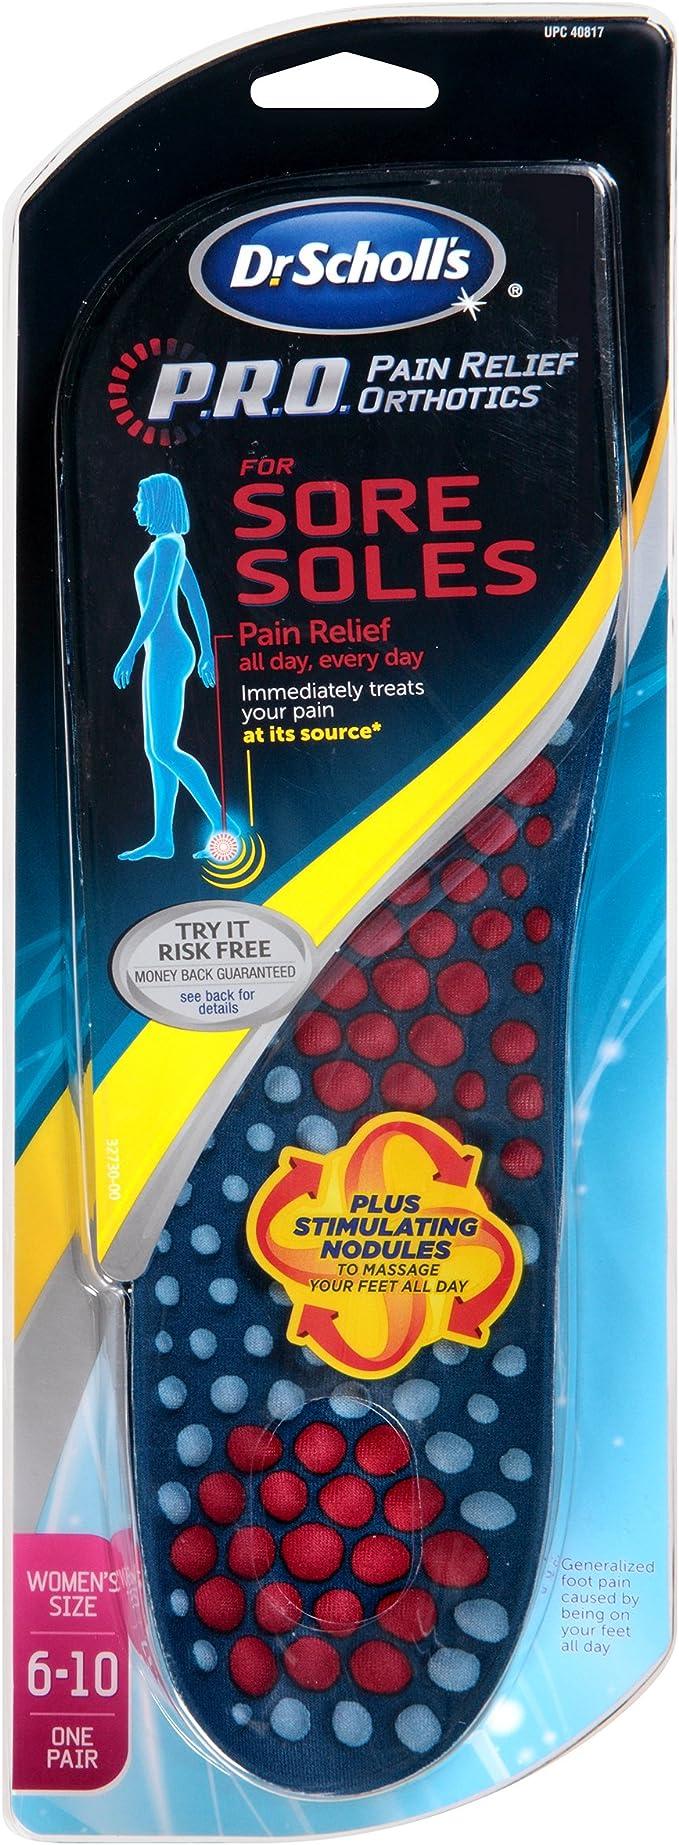 Pain Relief Orthotics Sore Soles